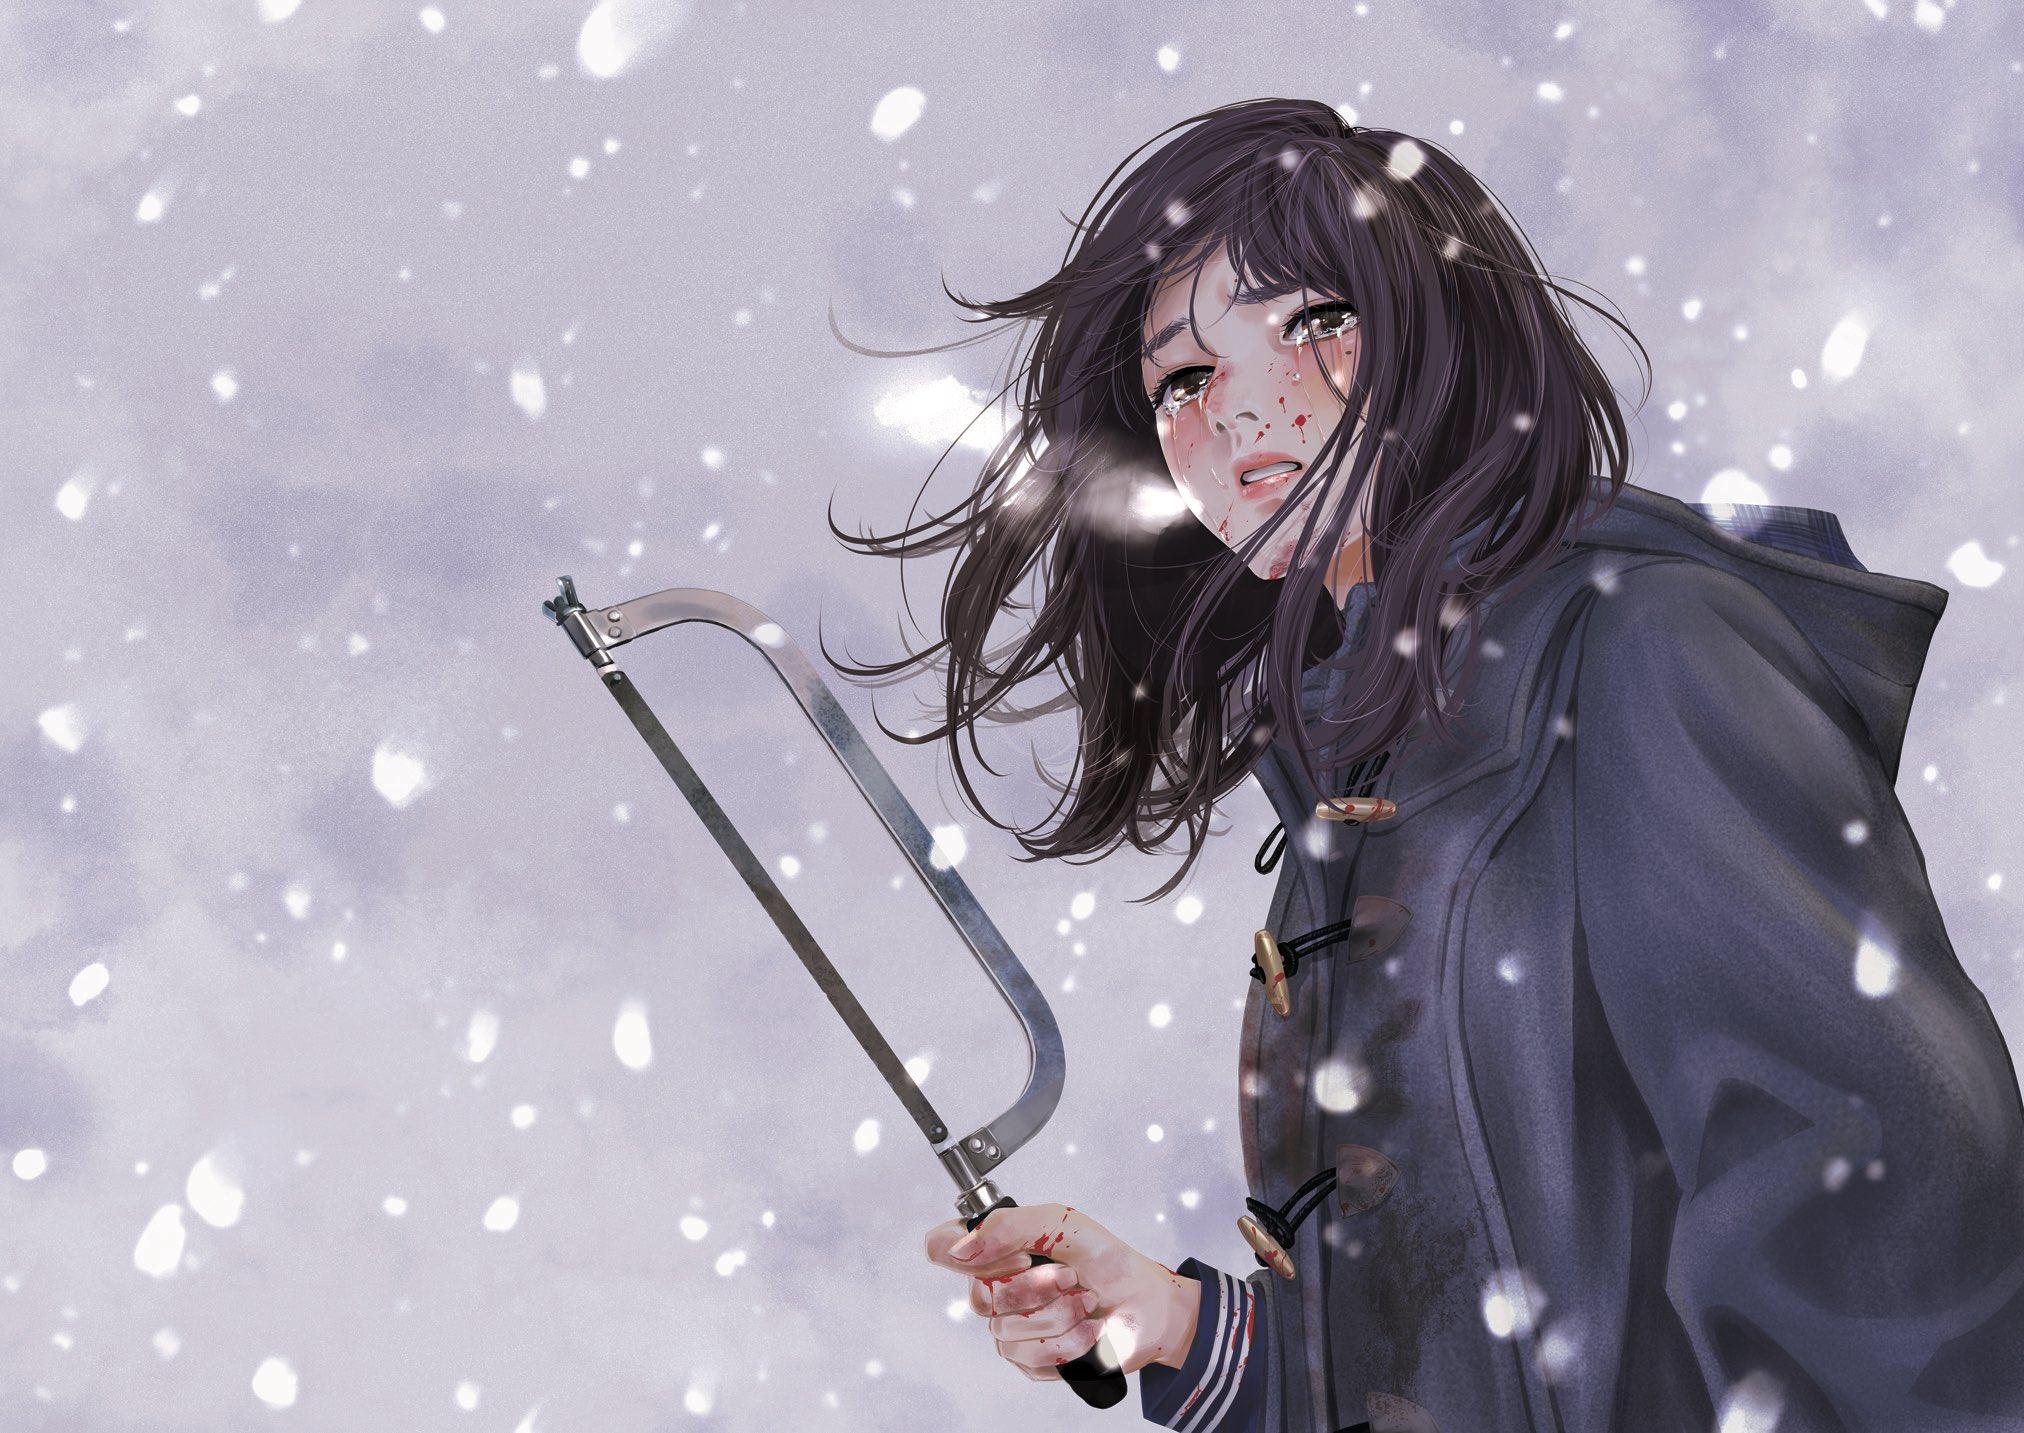 Wallpaper : anime girls, crying, dark hair, long hair, blood